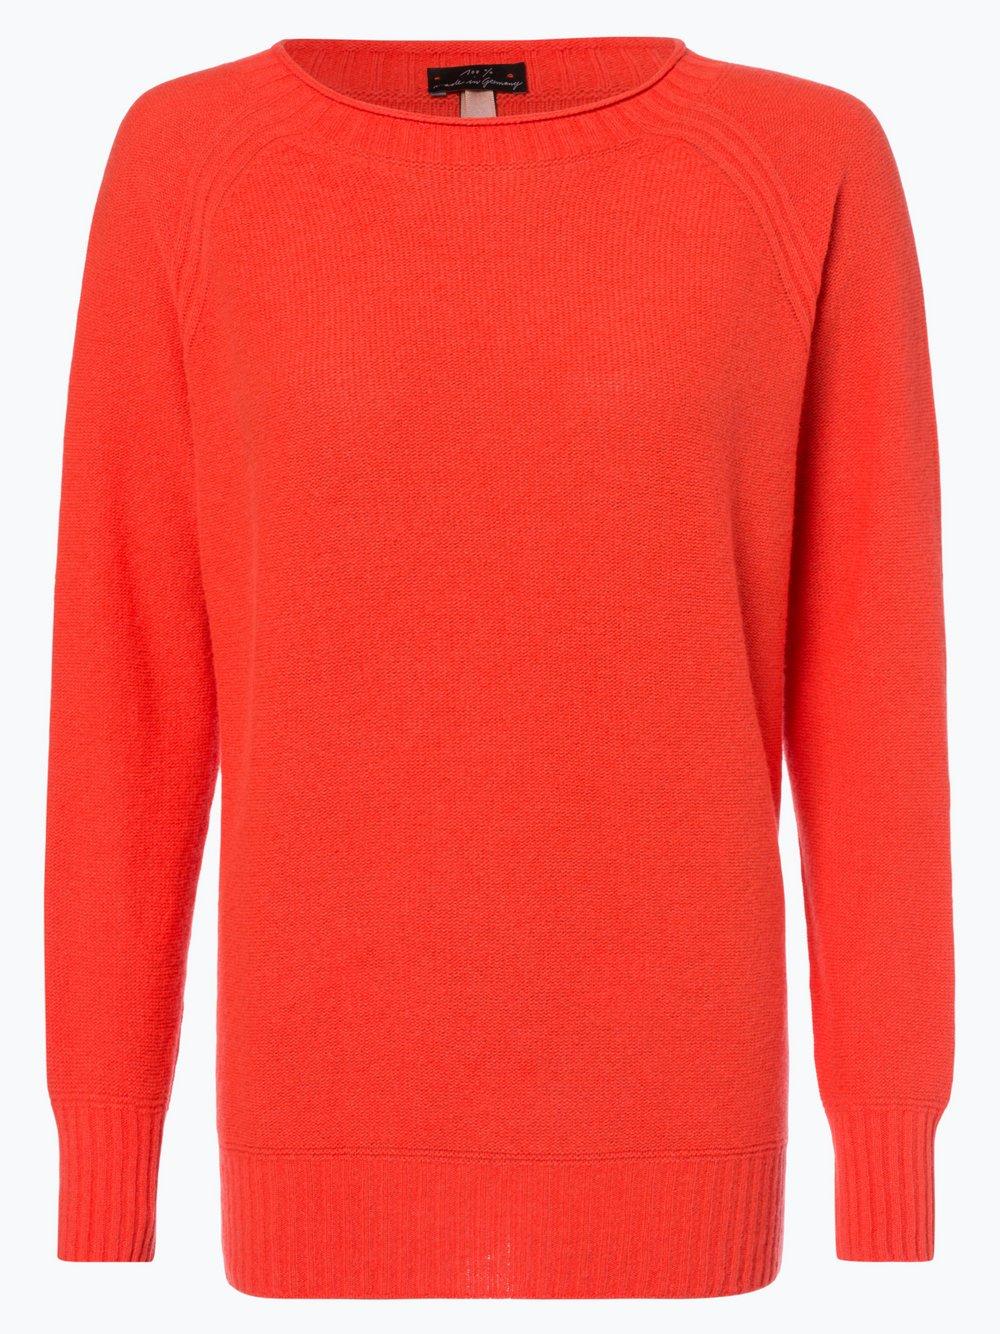 hochwertiges Design 30d8c 8e98f Damen Pullover mit Cashmere-Anteil